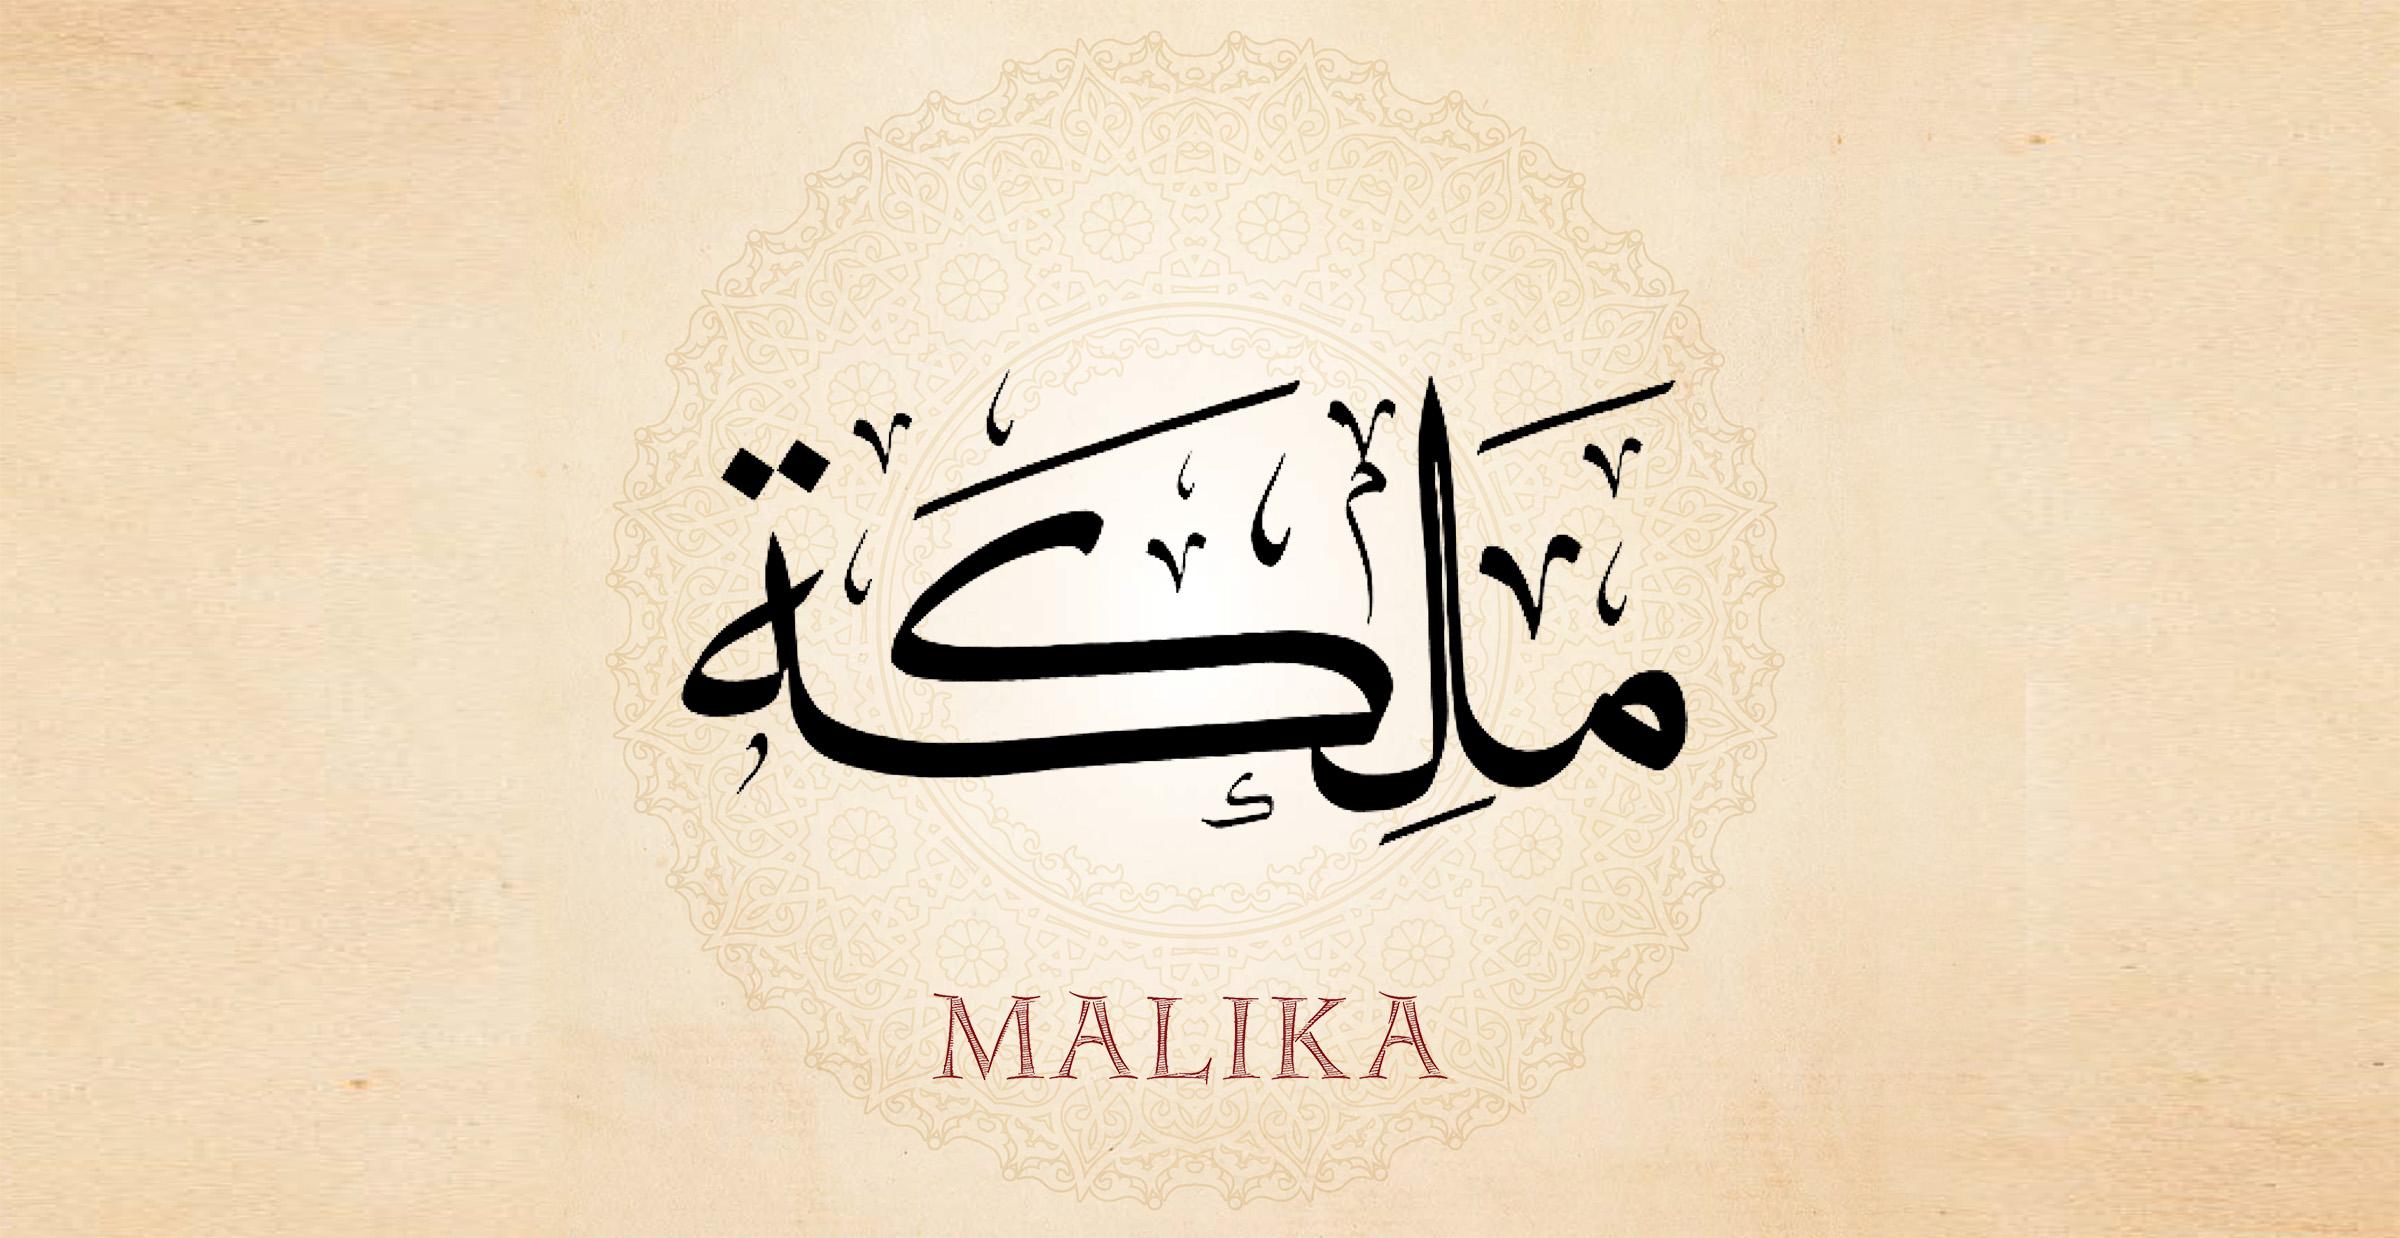 Malika (Queen) - AramcoWorld